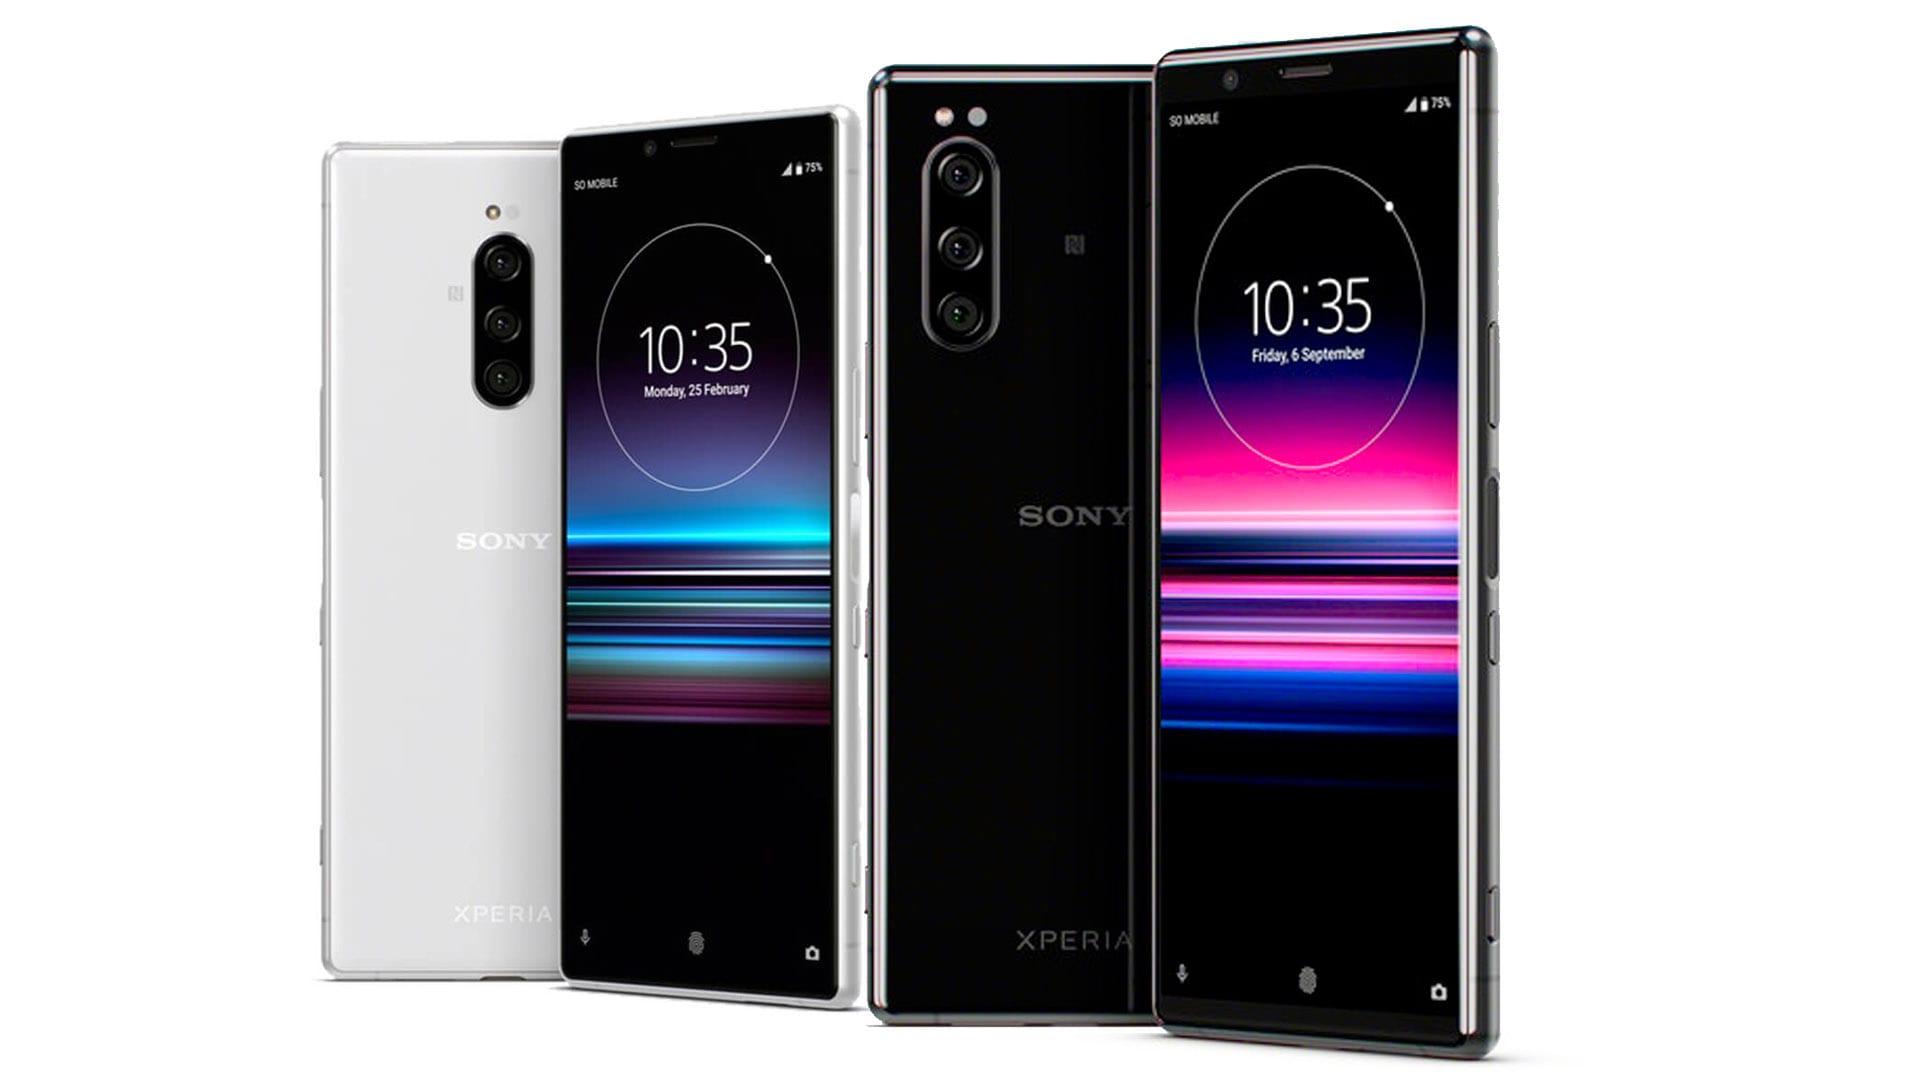 شركة Sony تكشف عن الهاتف الجديد Xperia 1 Professional Edition في اليابان